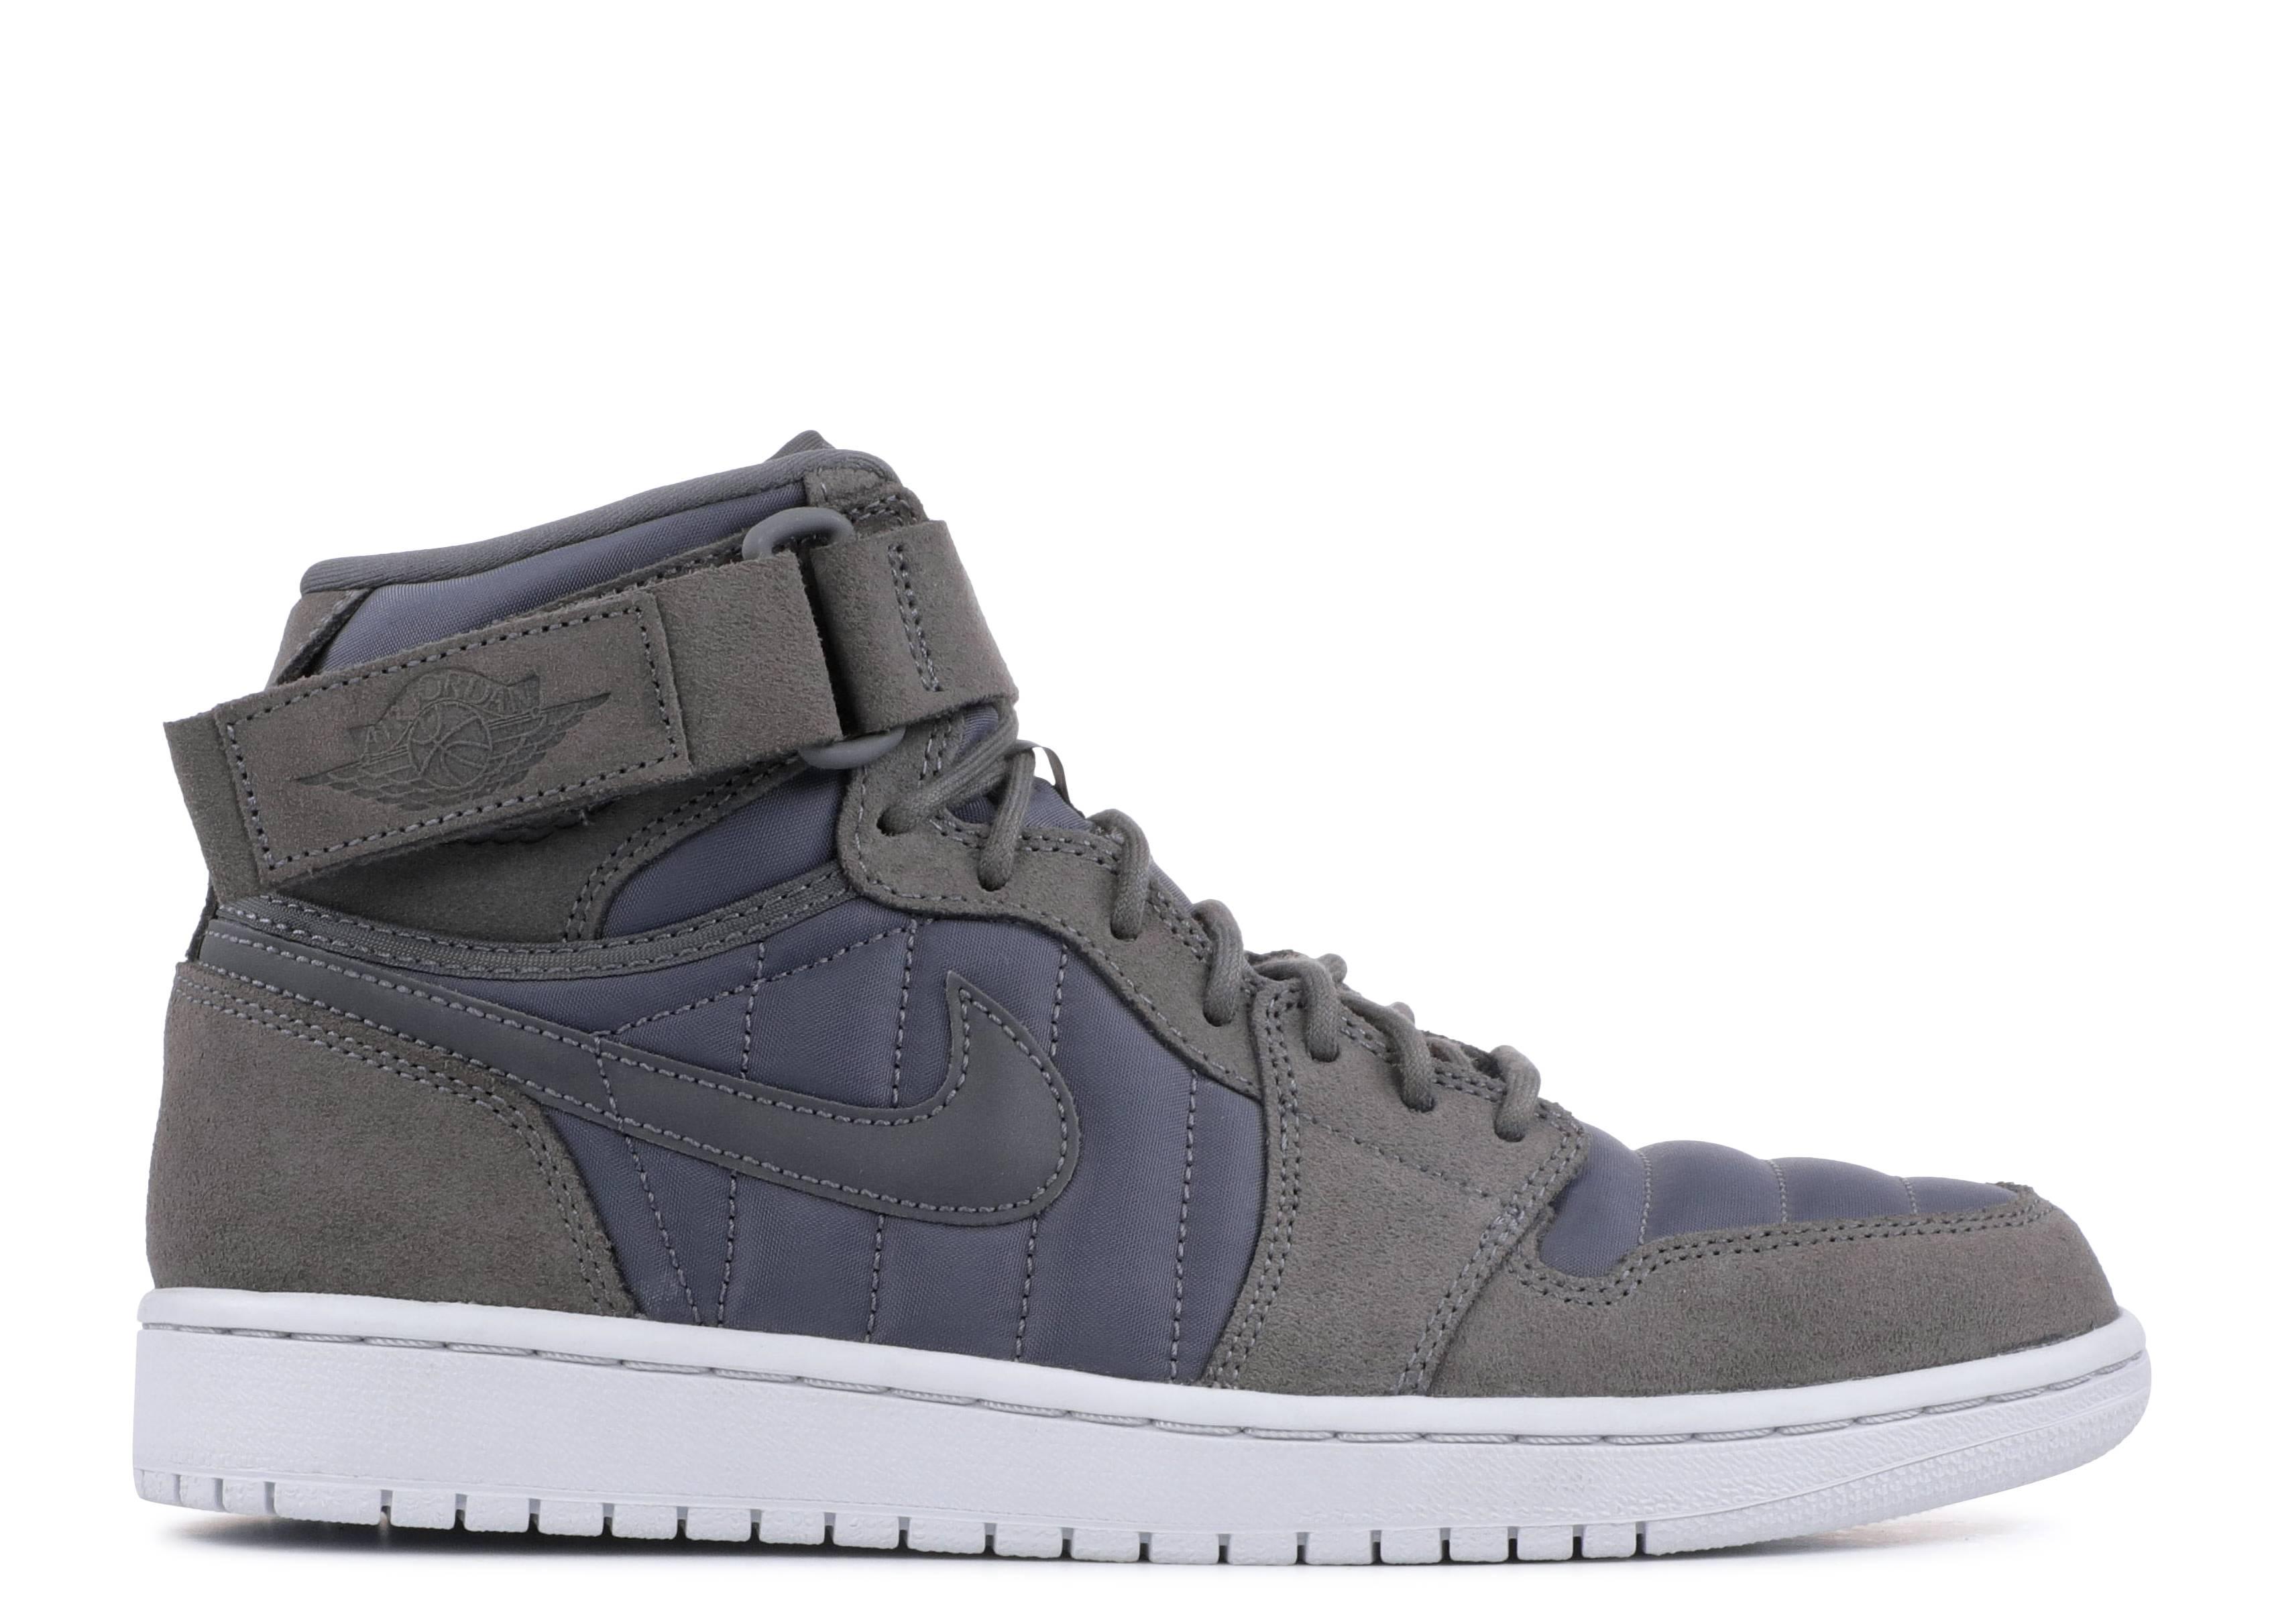 cheap for discount eb200 7e9e0 Air Jordan 1 High Strap - Nike - 342132 005 - dark grey/dark grey ...